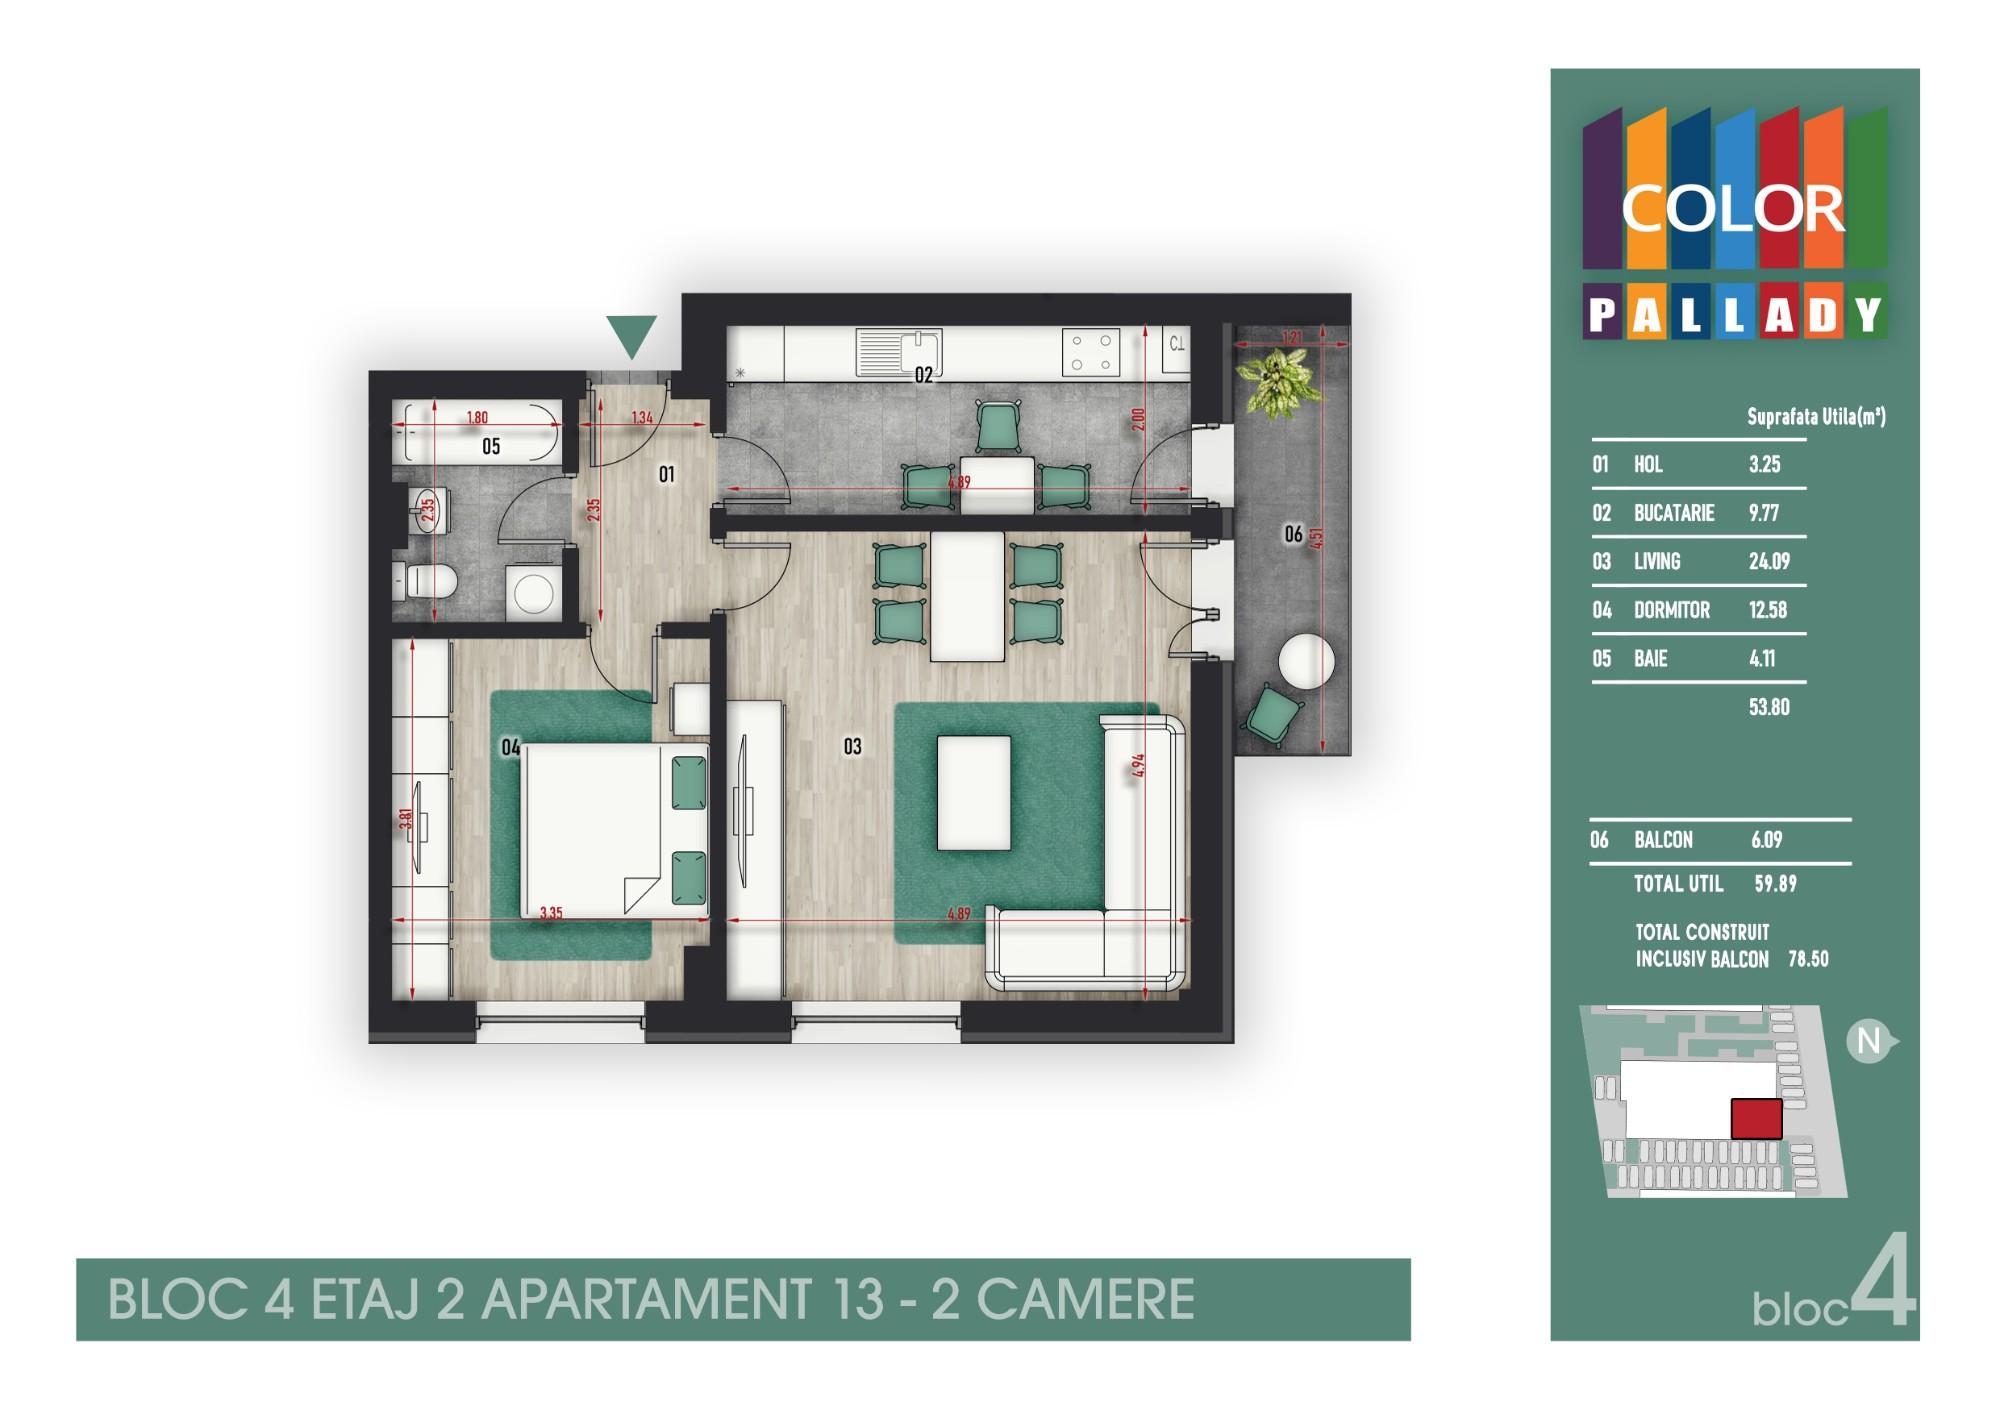 Bloc 4 - Etaj 2 - Apartament 13